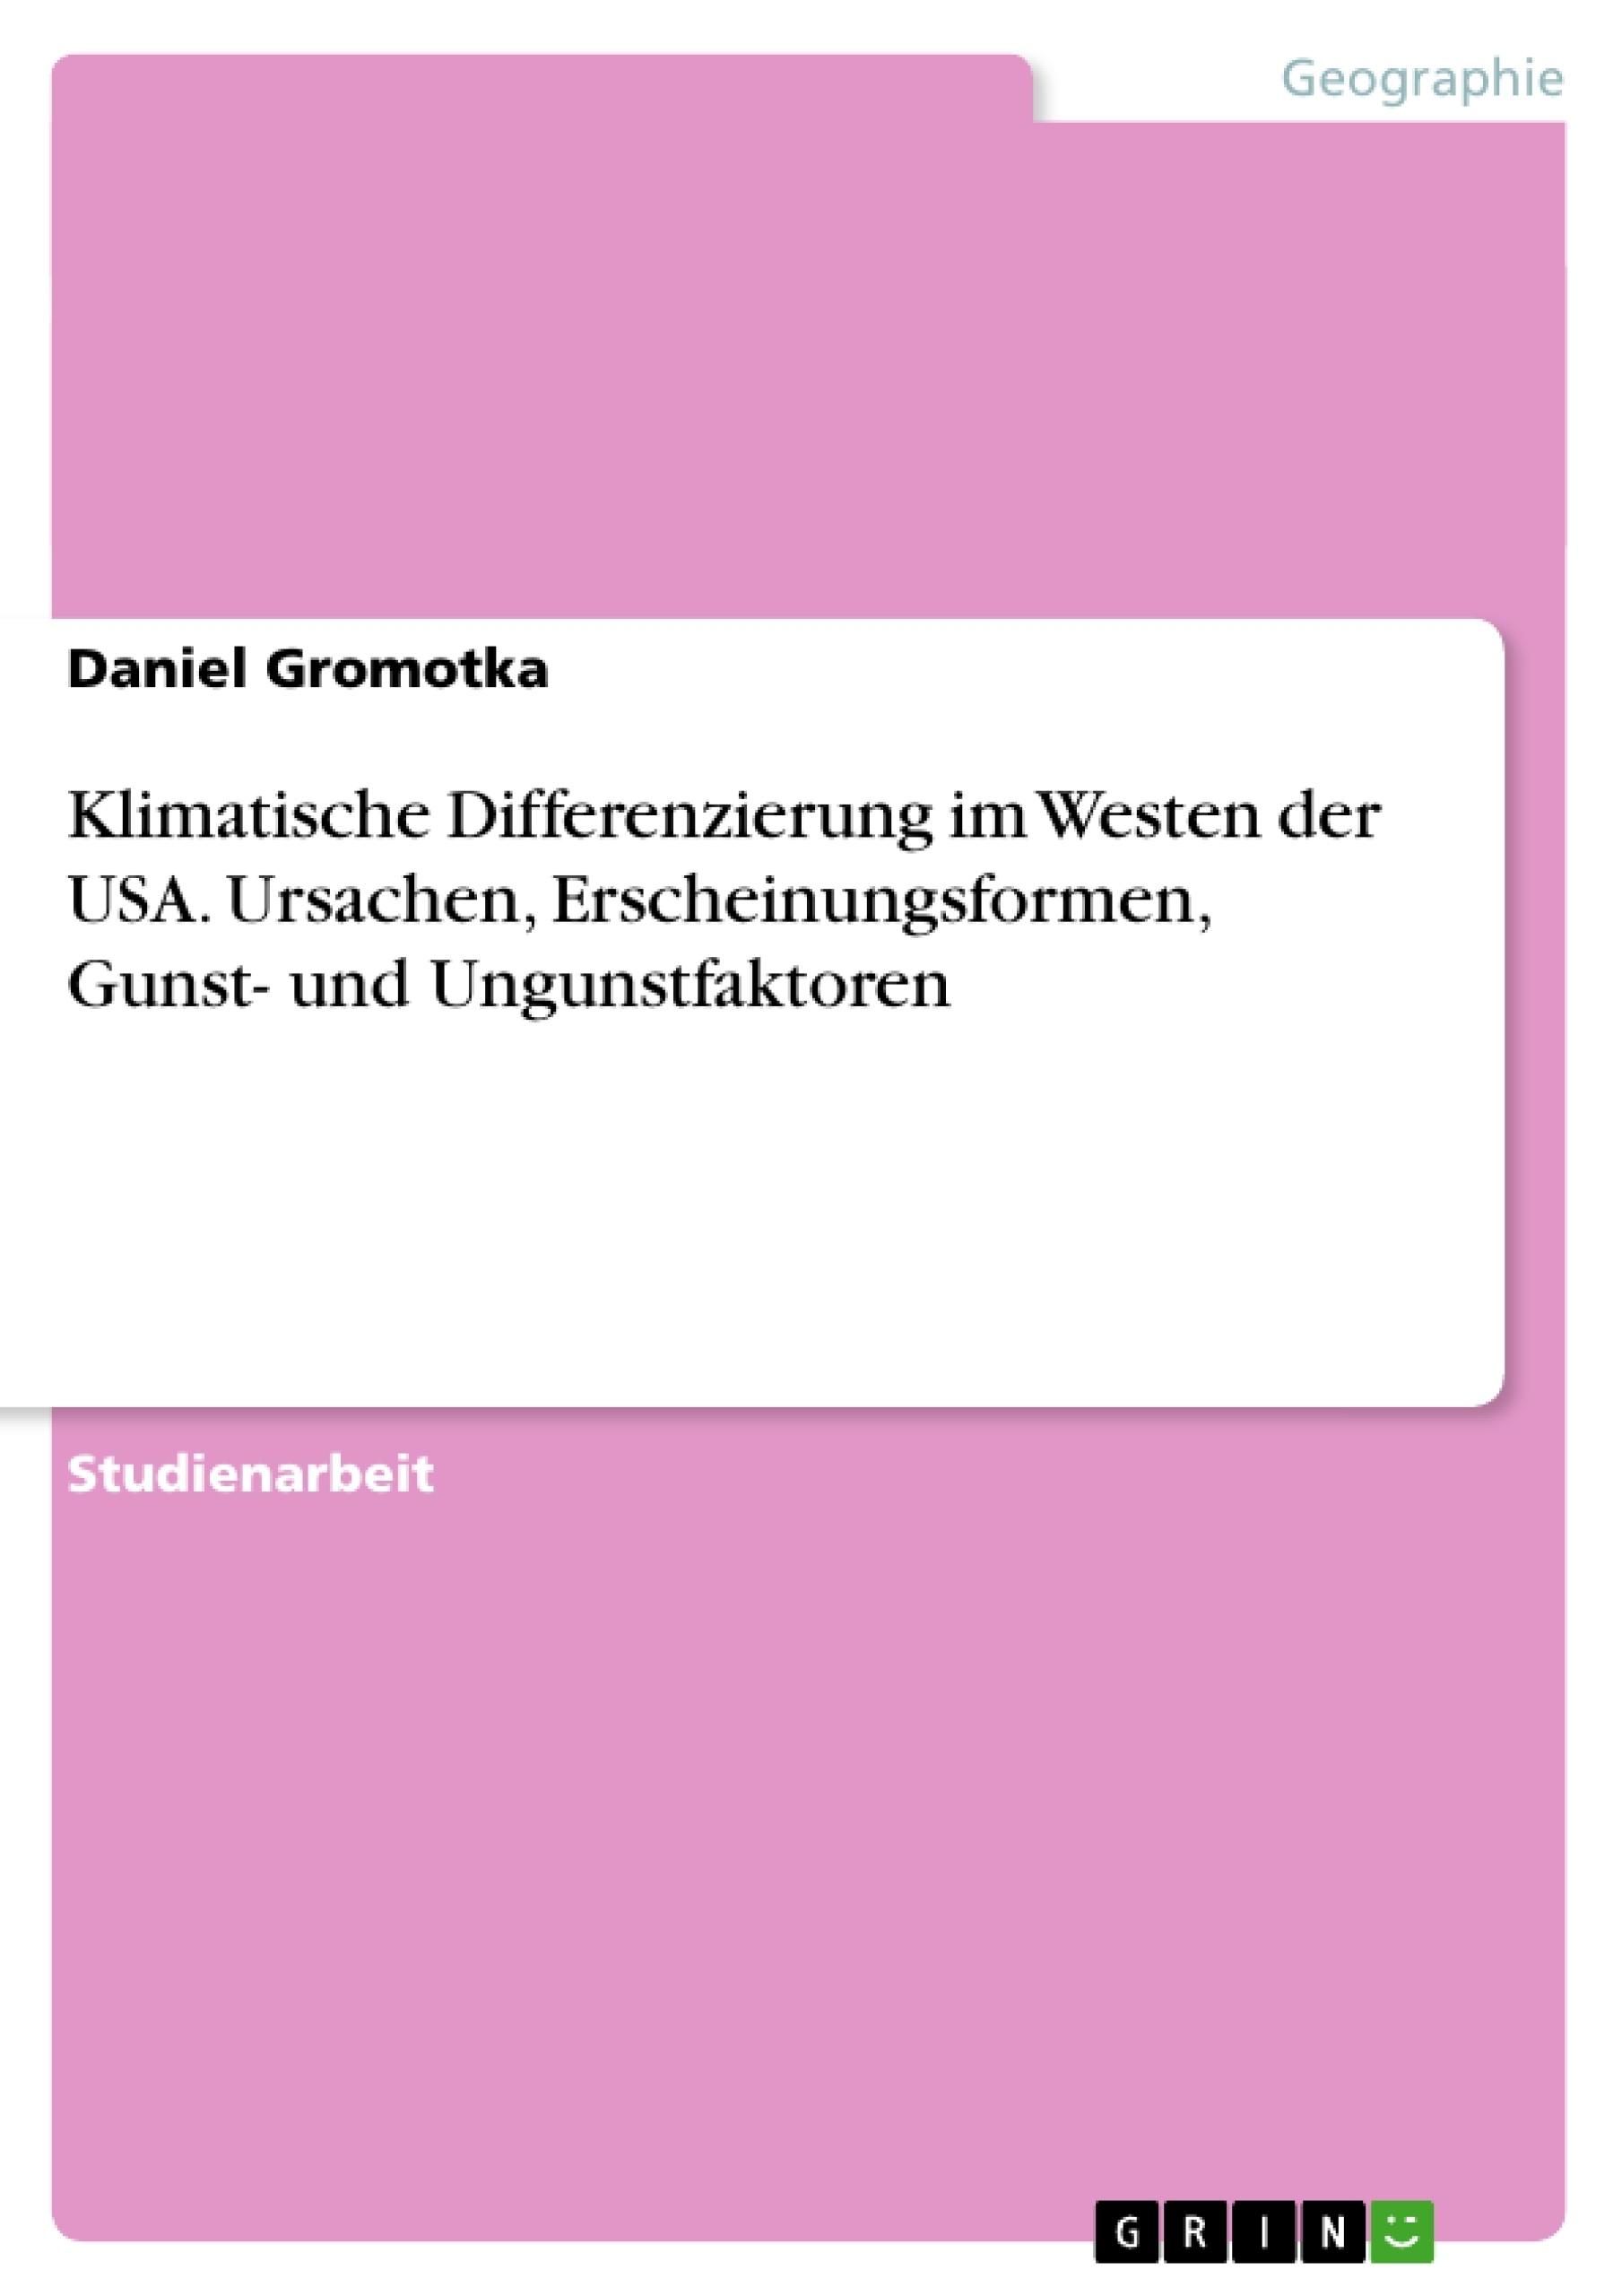 Titel: Klimatische Differenzierung im Westen der USA. Ursachen, Erscheinungsformen,  Gunst- und Ungunstfaktoren